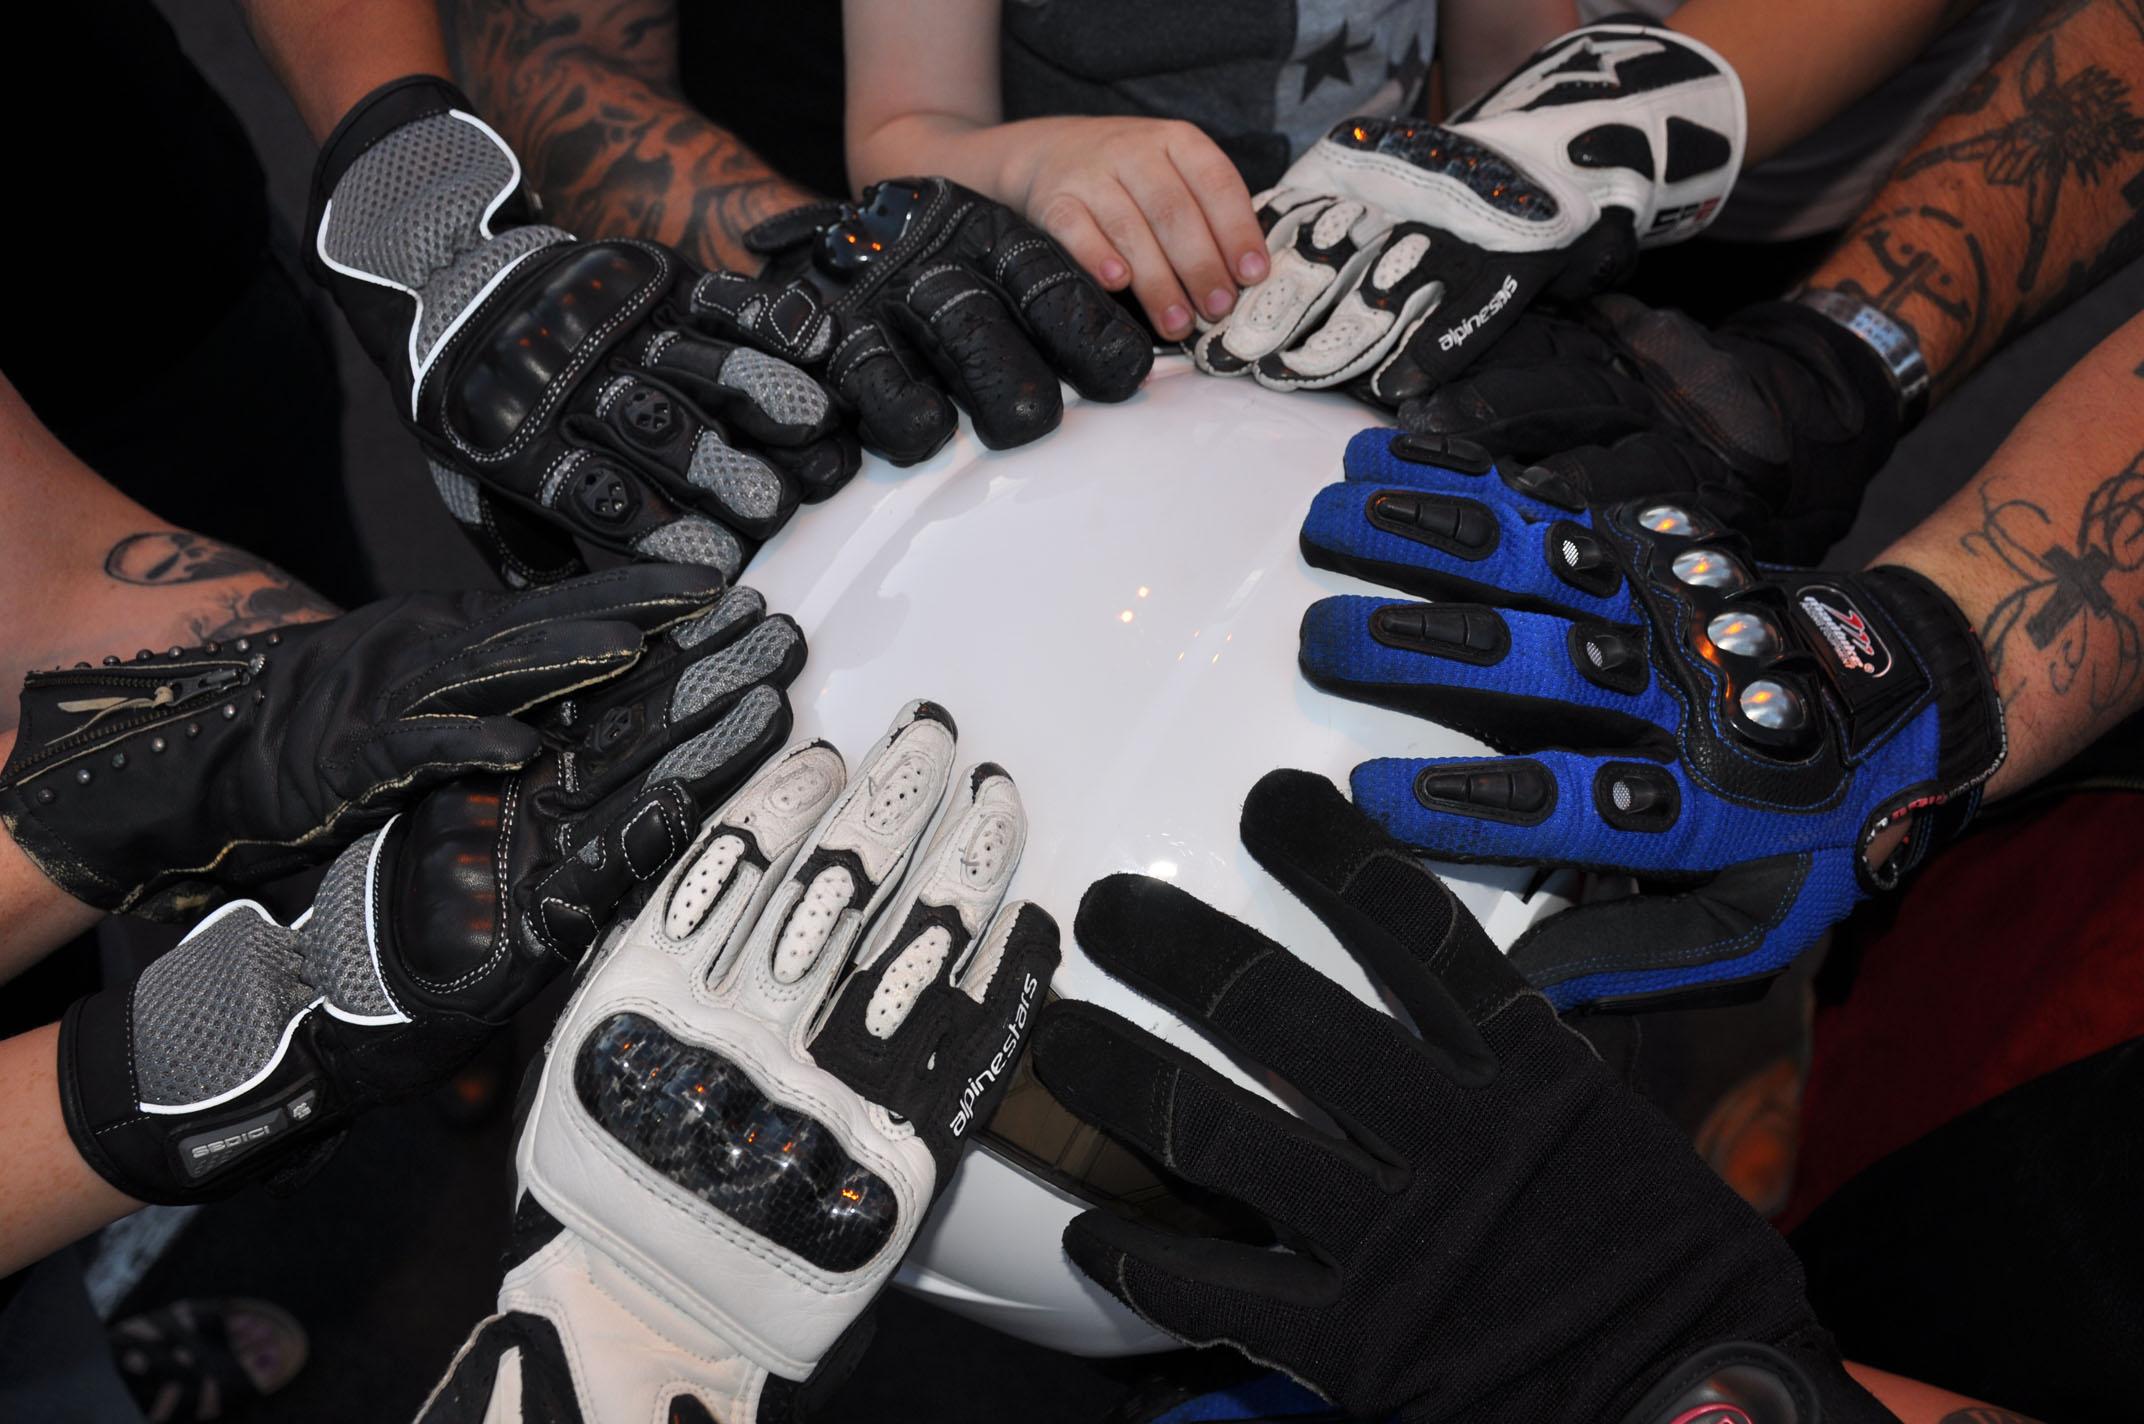 We help injured riders!